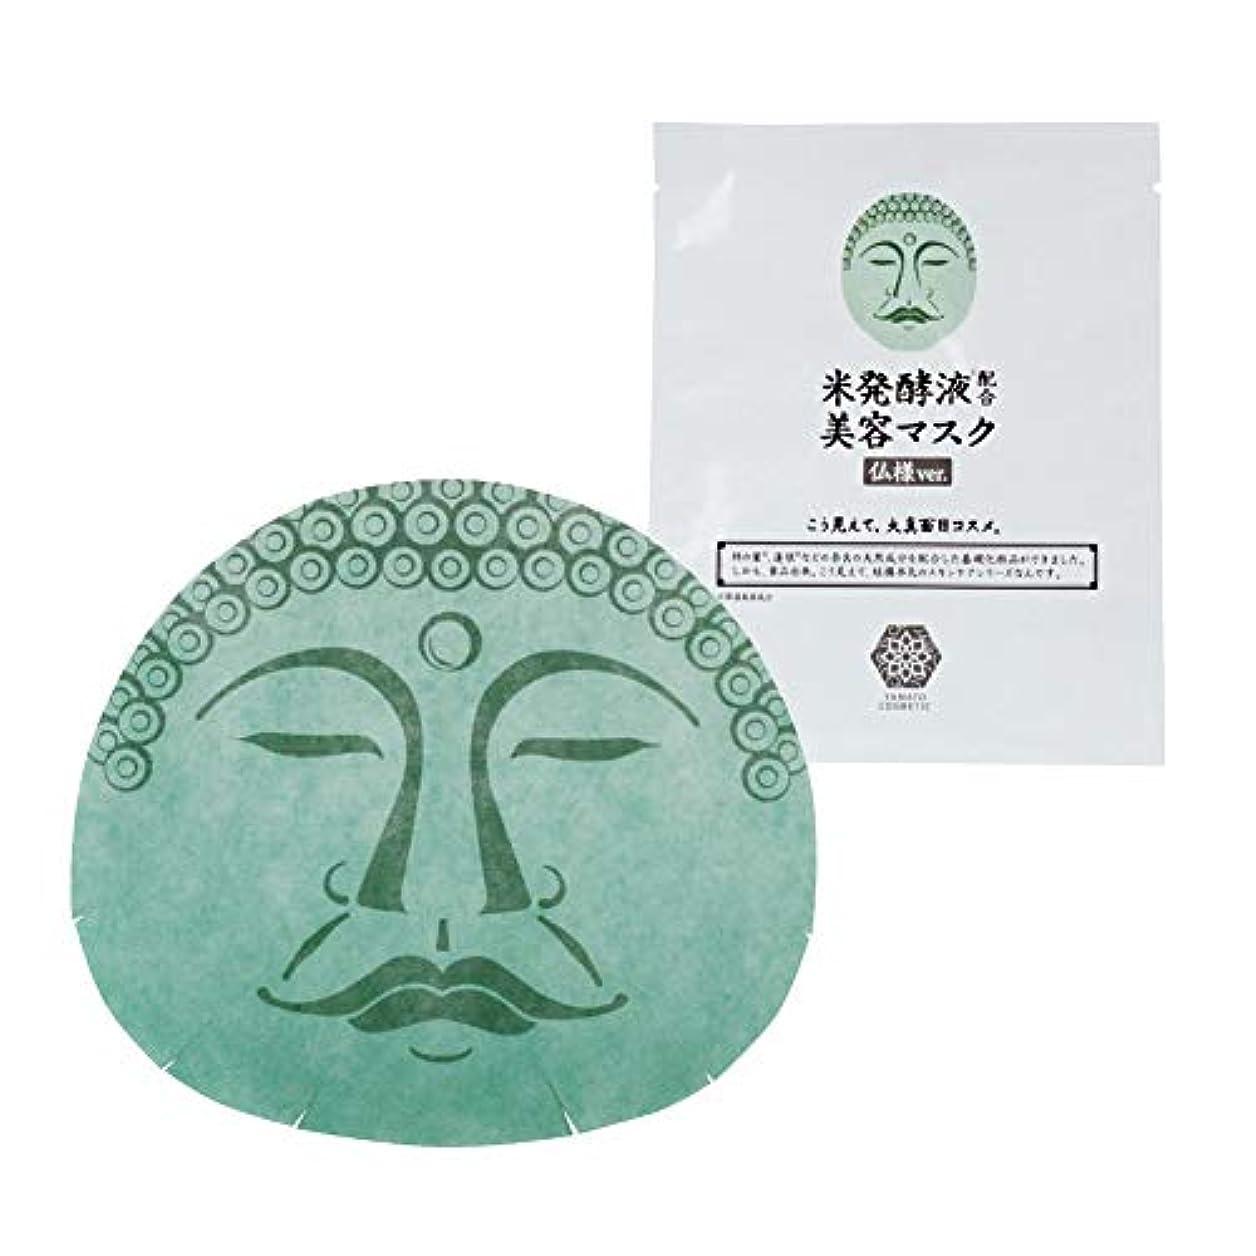 守る内訳簡潔なやまとコスメティック 美容液マスク 25mL 1枚 仏様 仏様パック